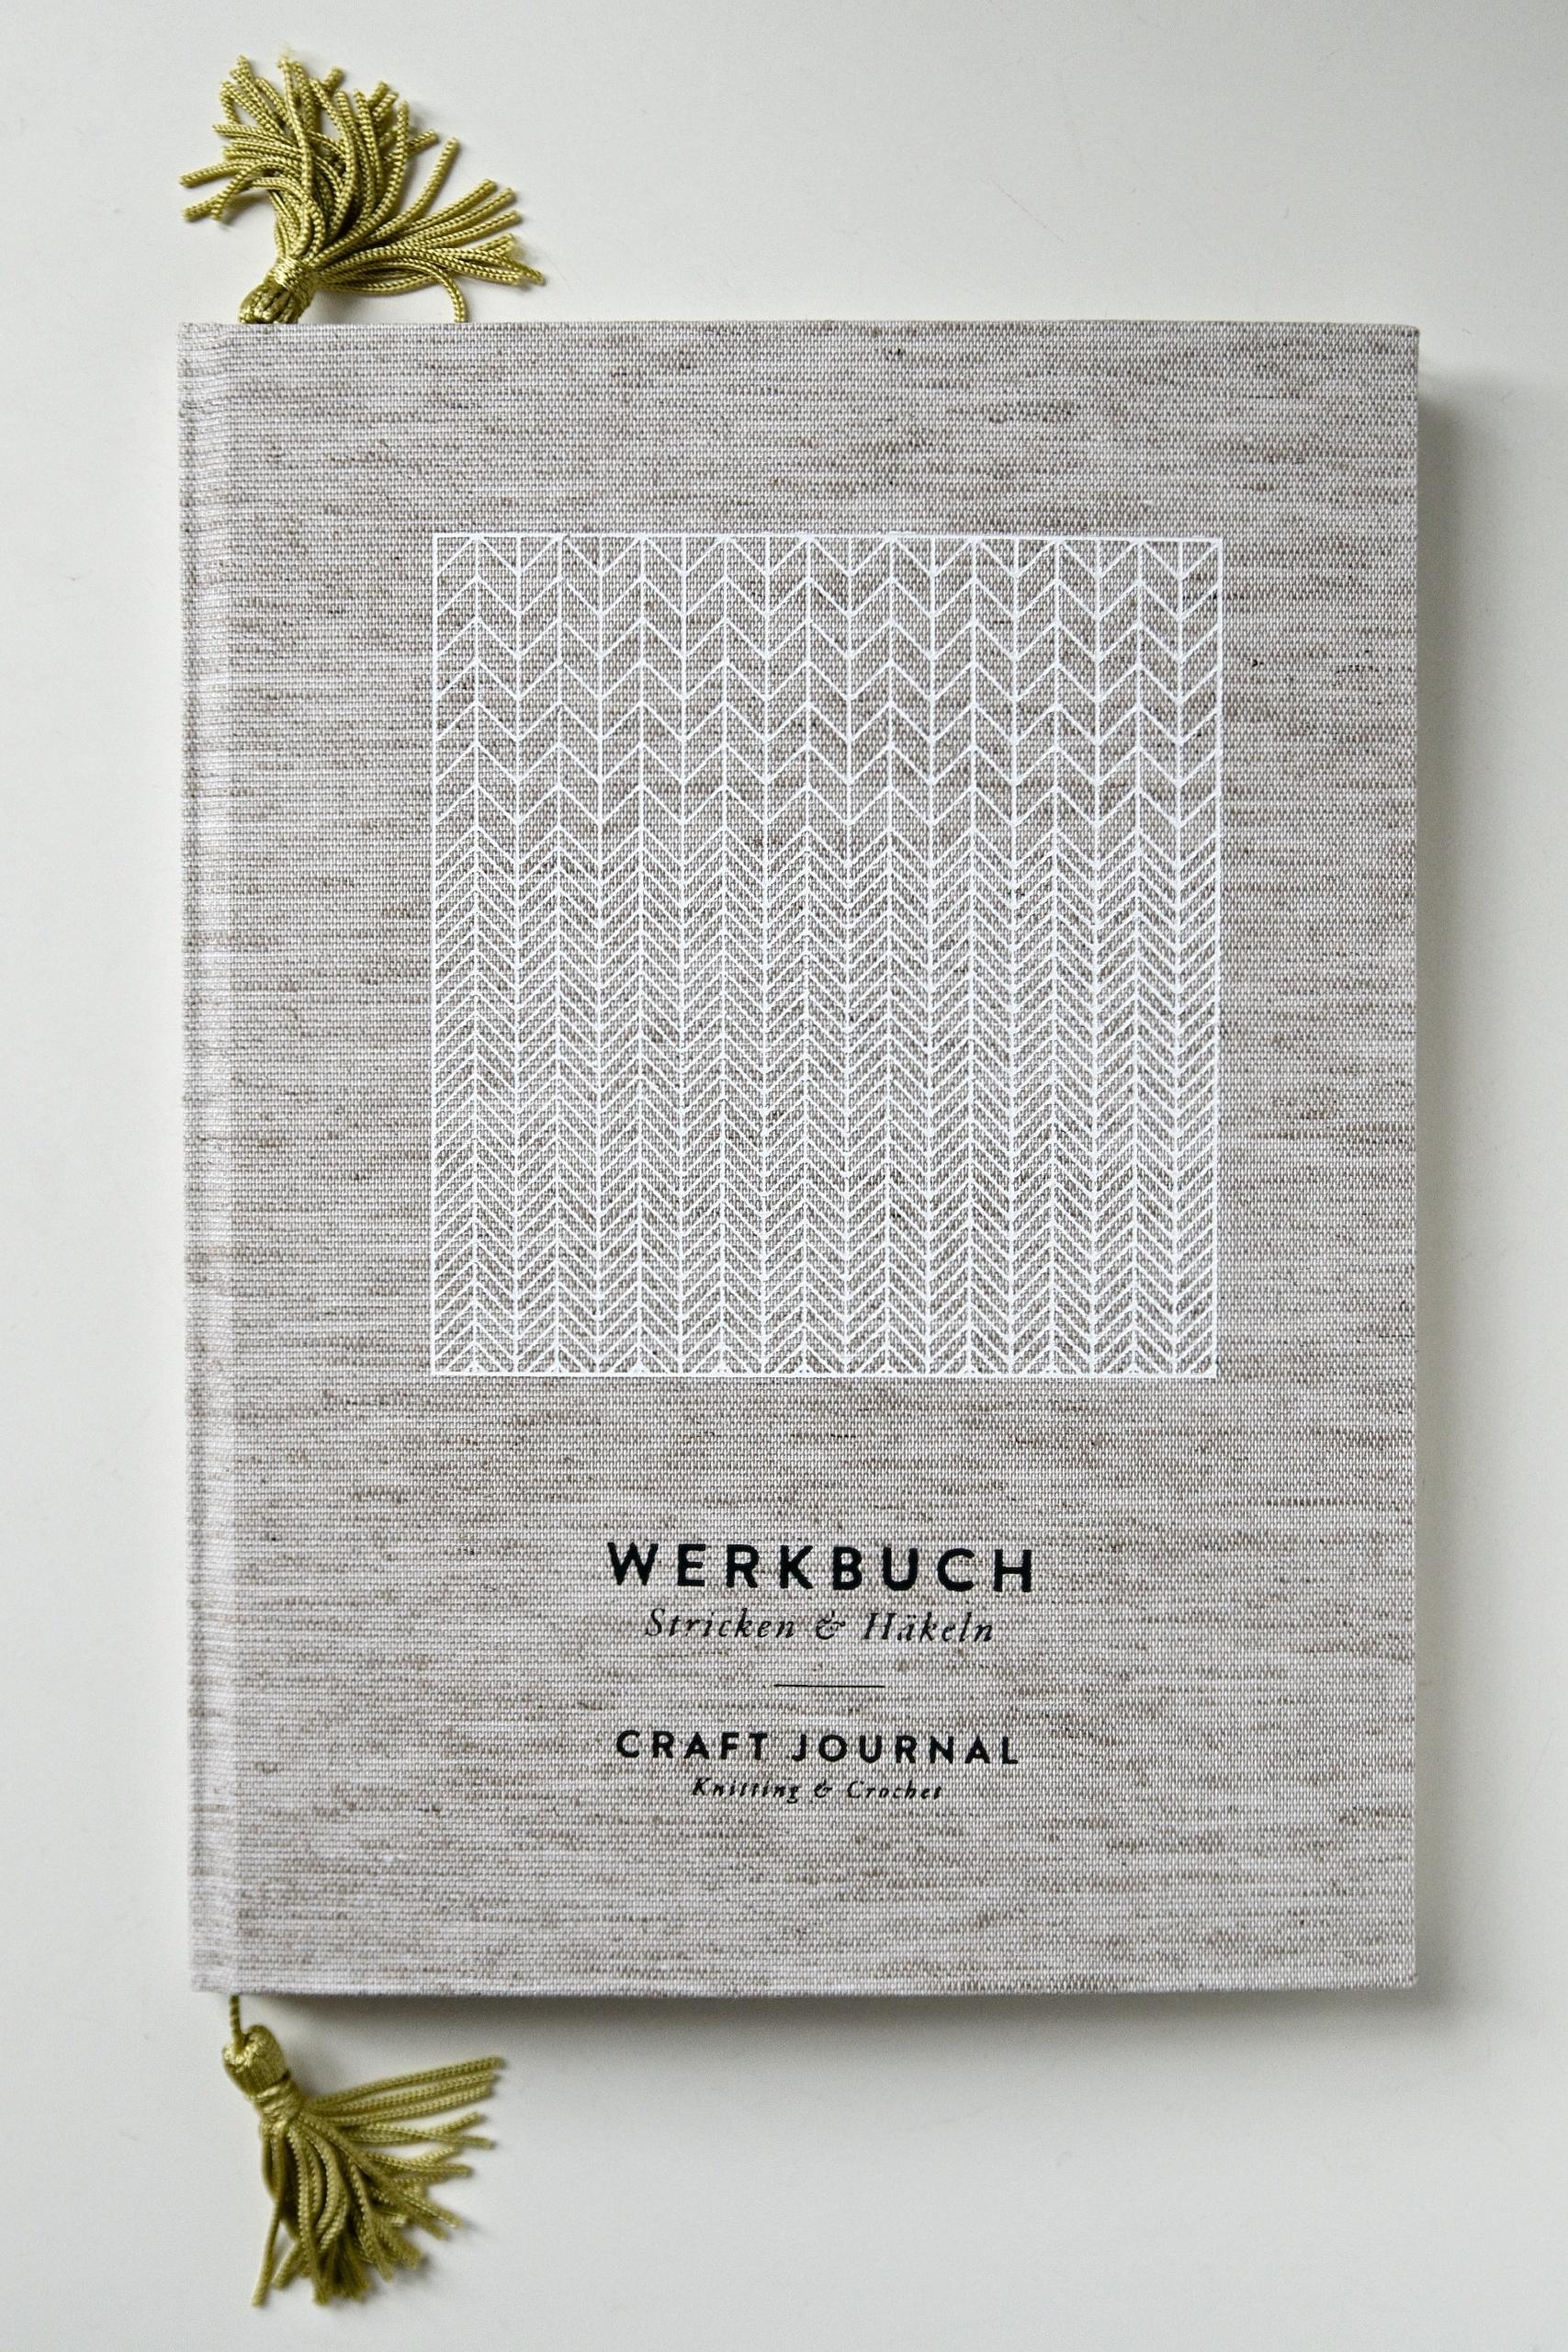 Wednesday Paper Works Werkbuch/Craft Journal